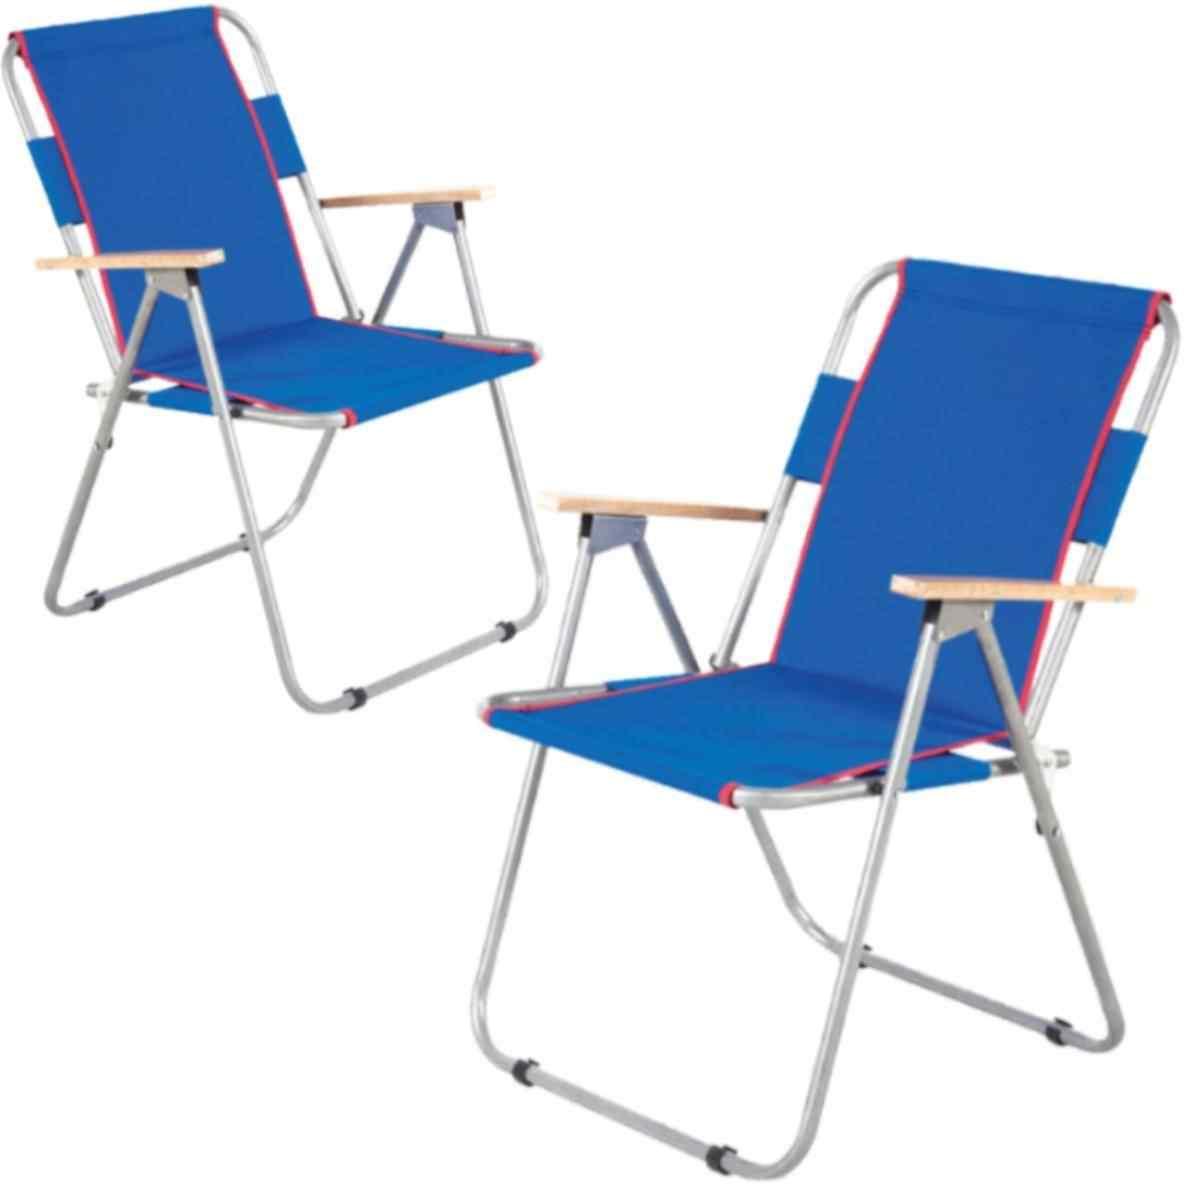 İbiza Ahşap Kollu Sandalye Katlanabilir Piknik Sandalyesi Mavi 2 Adet